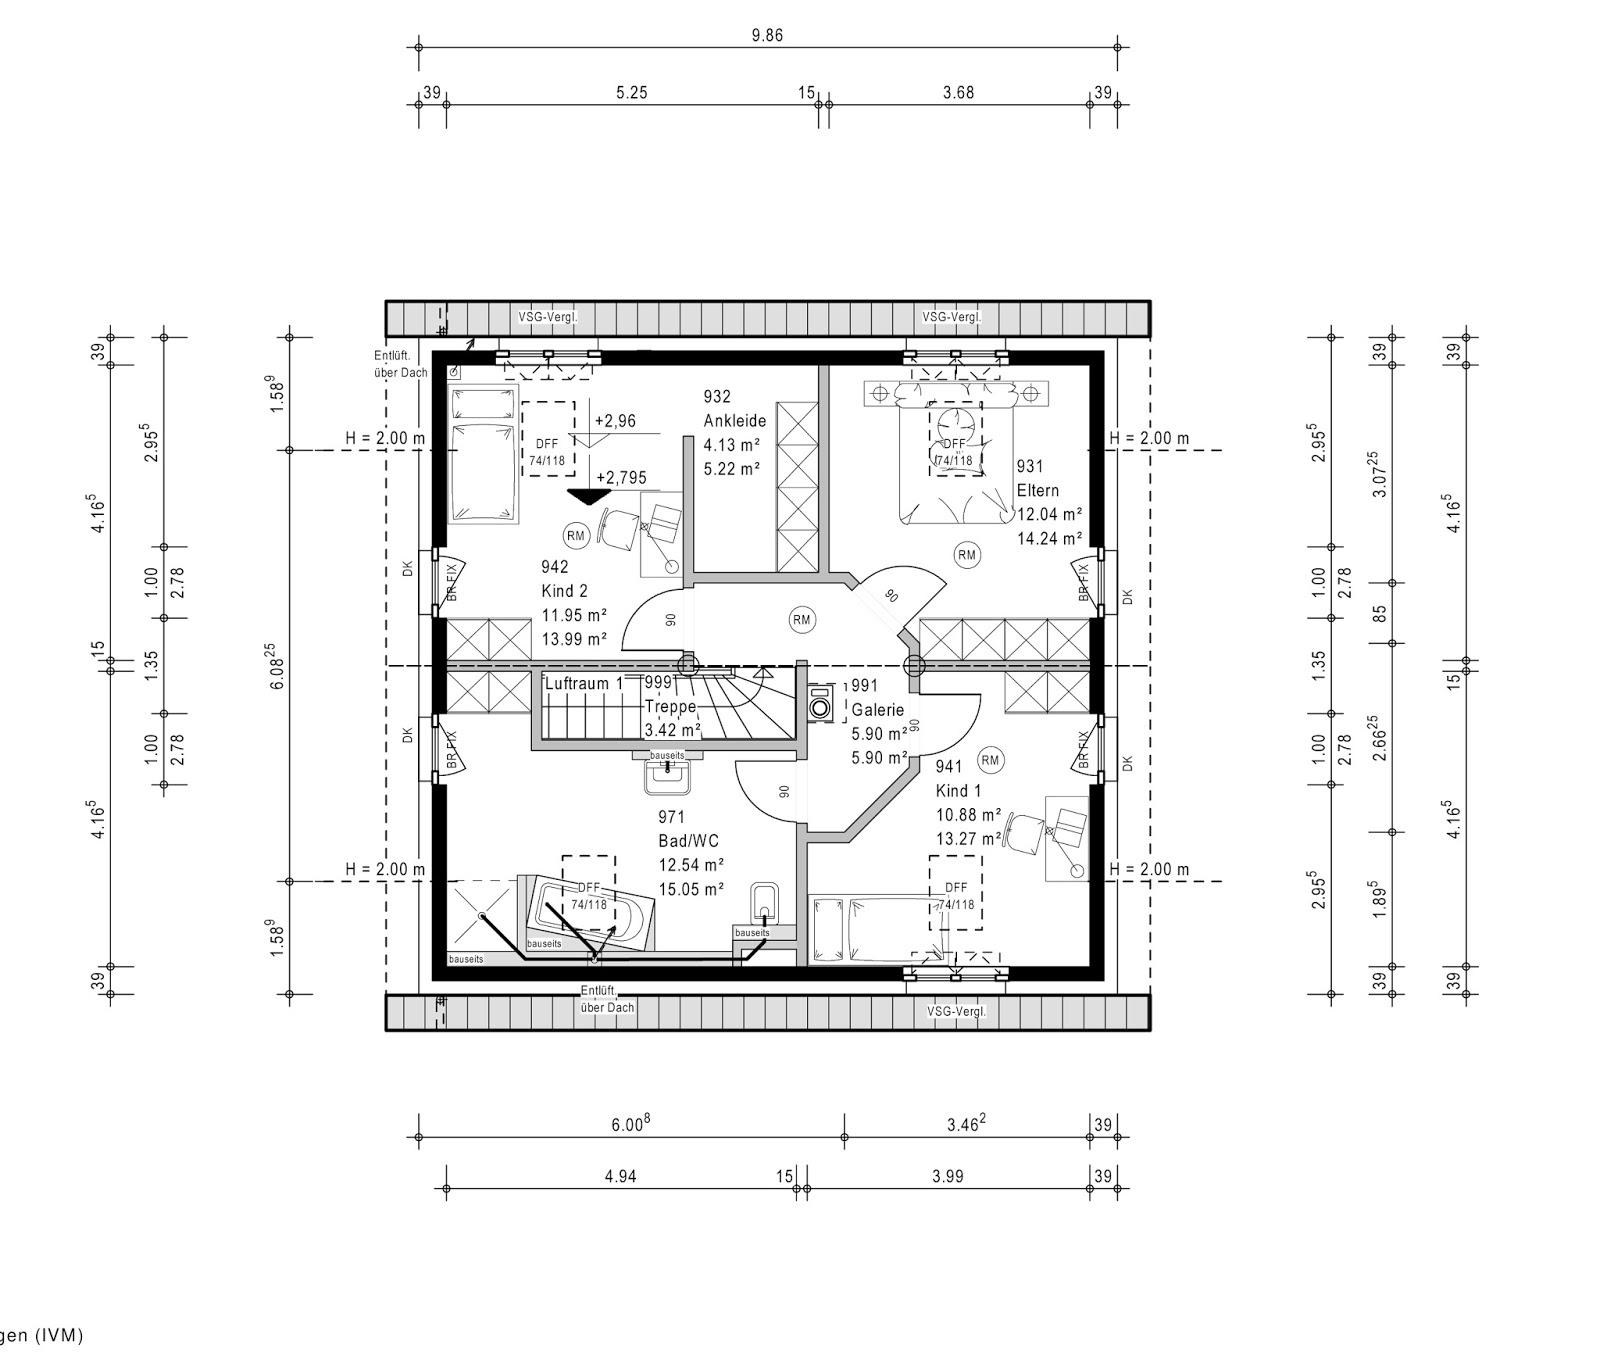 julia 39 s und sascha 39 s traum vom ein steinhaus pl ne. Black Bedroom Furniture Sets. Home Design Ideas